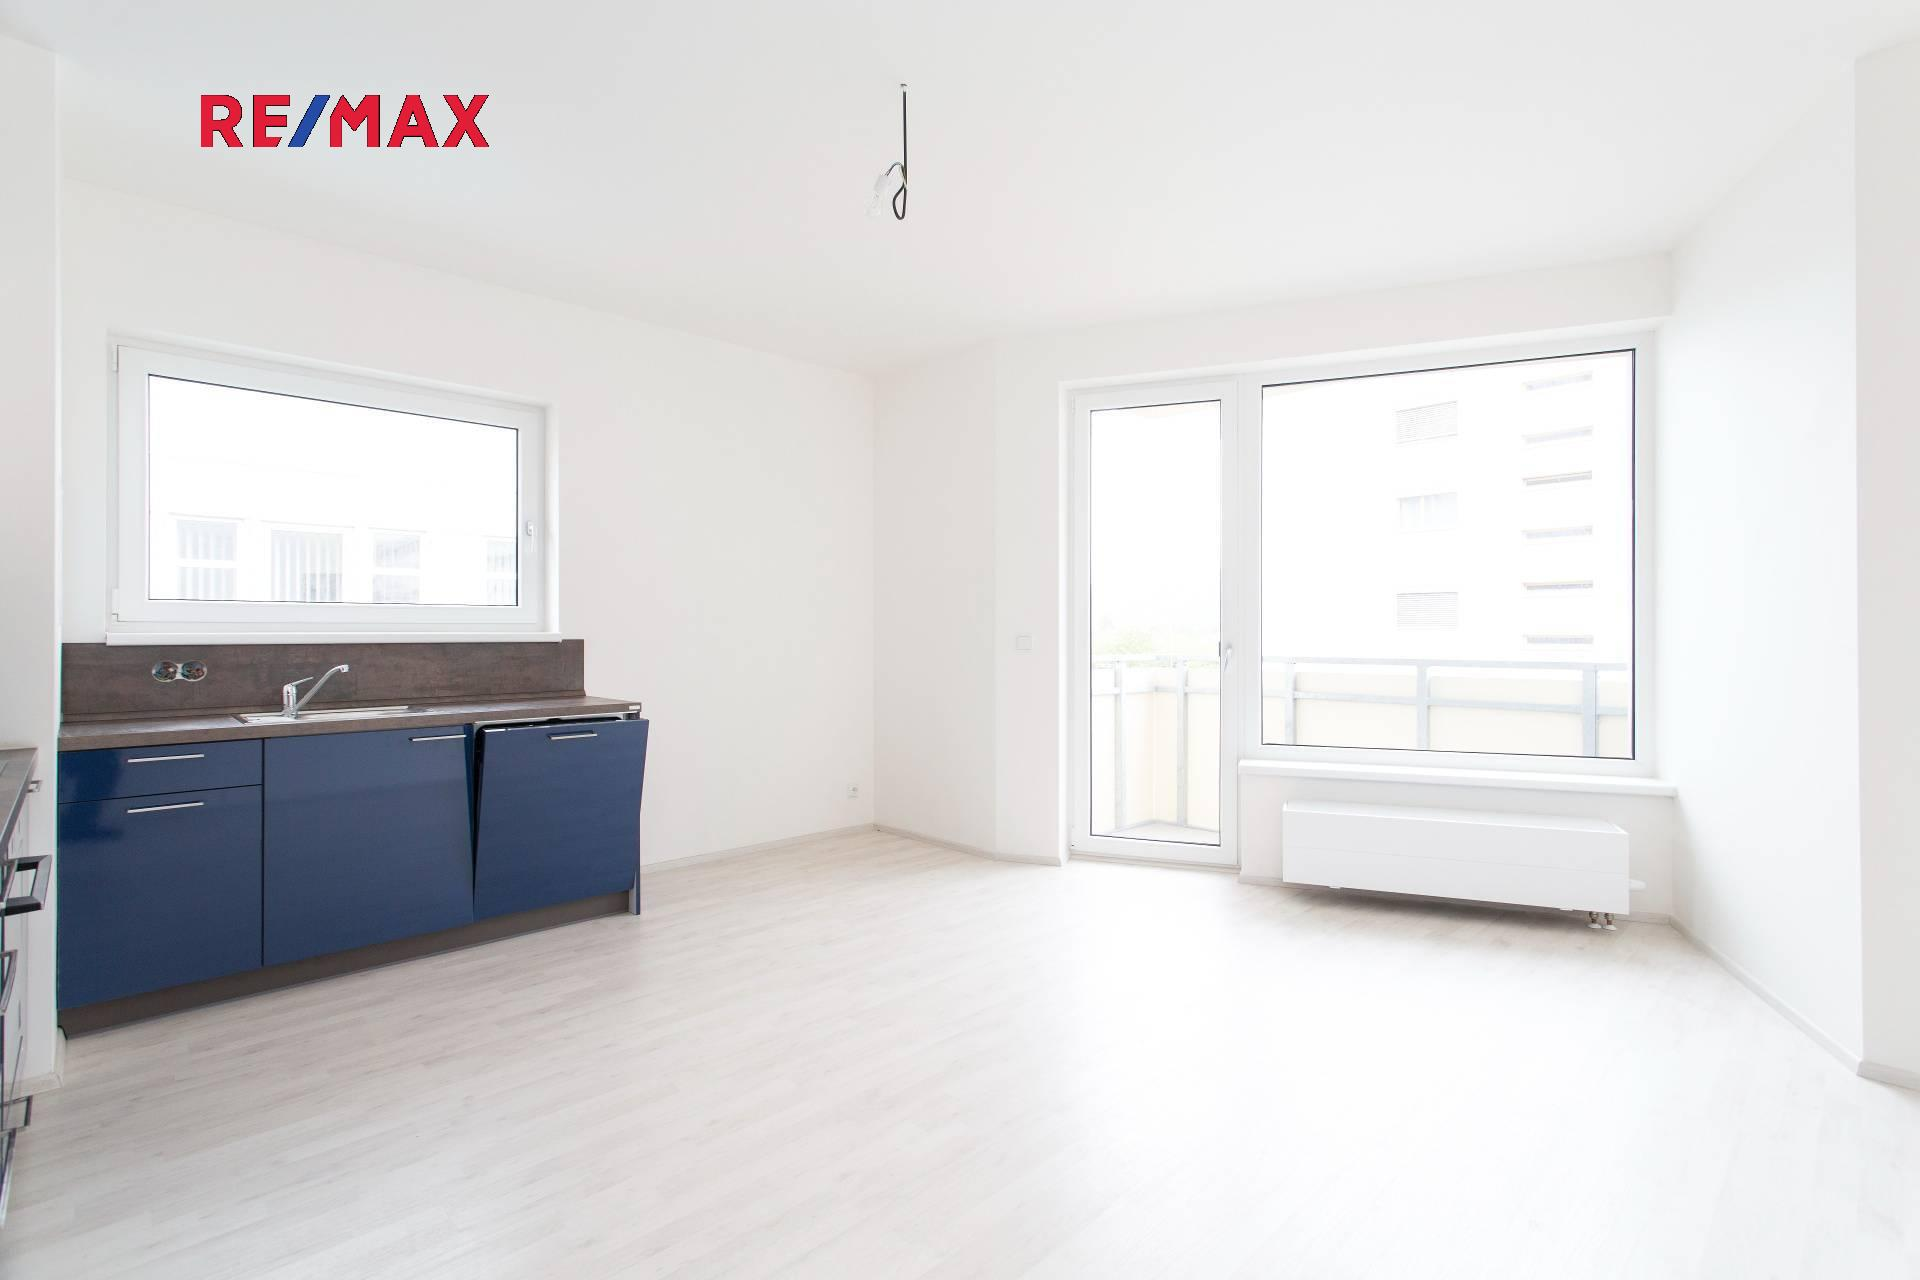 Pronájem bytu 2kk 49 m2 s balkonem a garážovým stáním v ulici Mezi vodami Praha 4